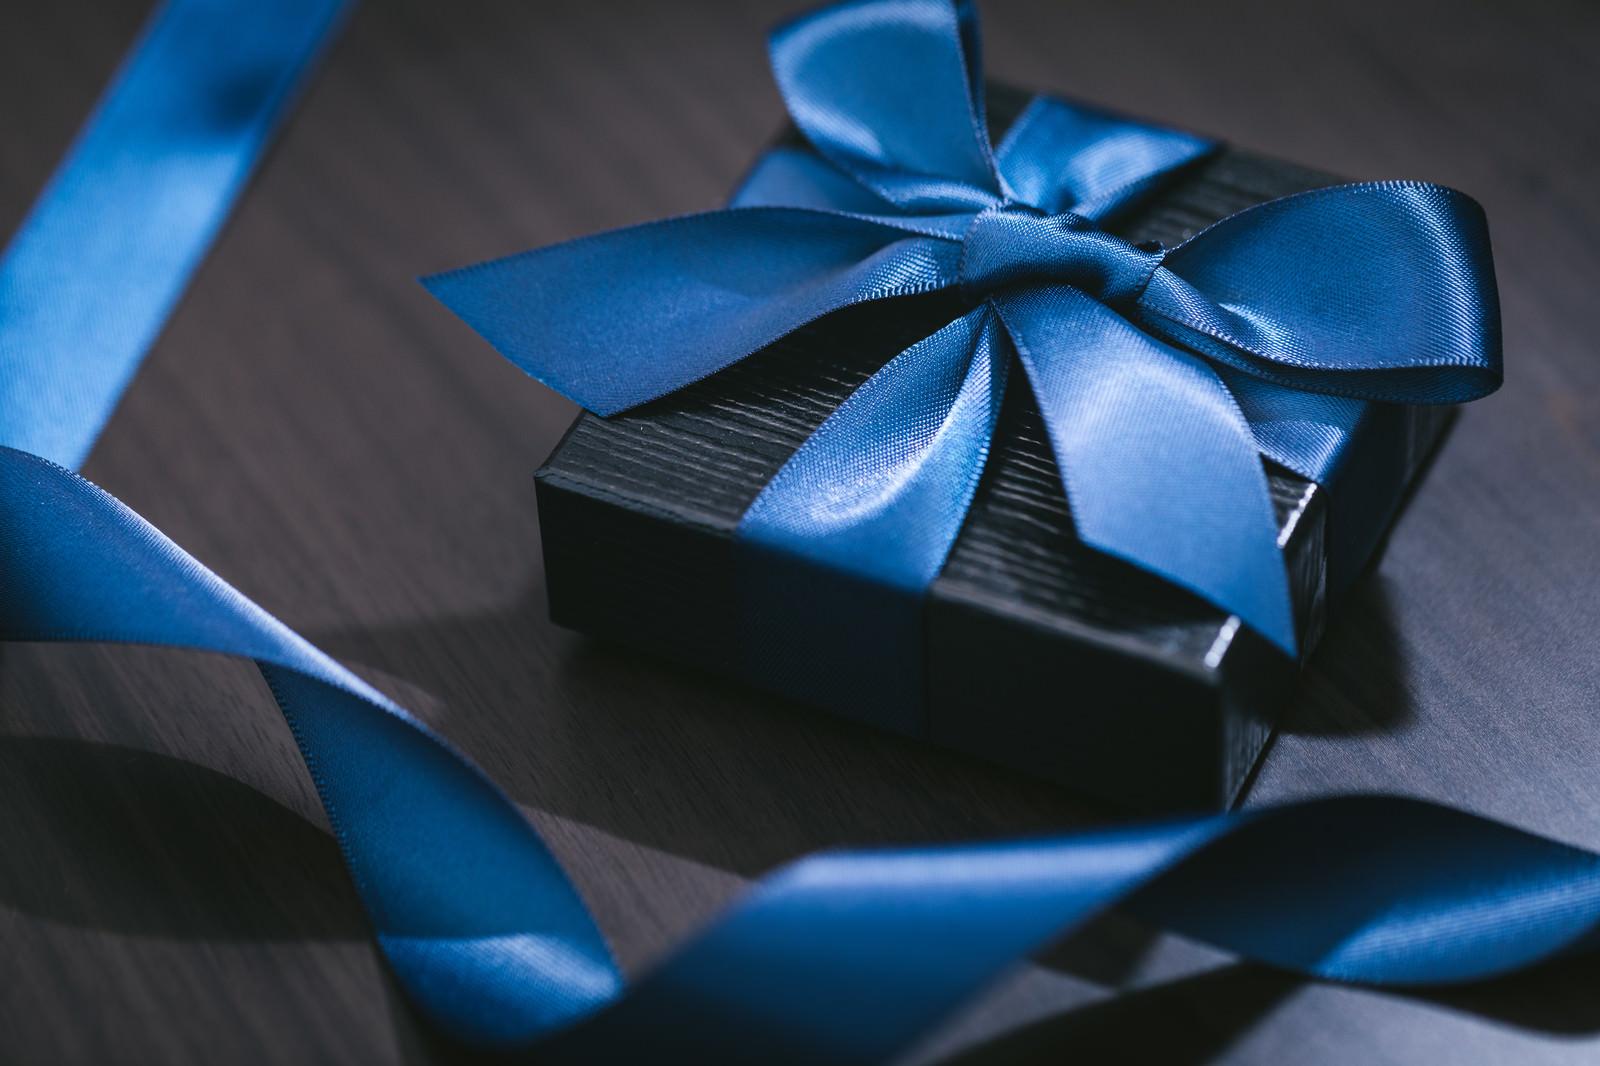 「高価なプレゼント感」